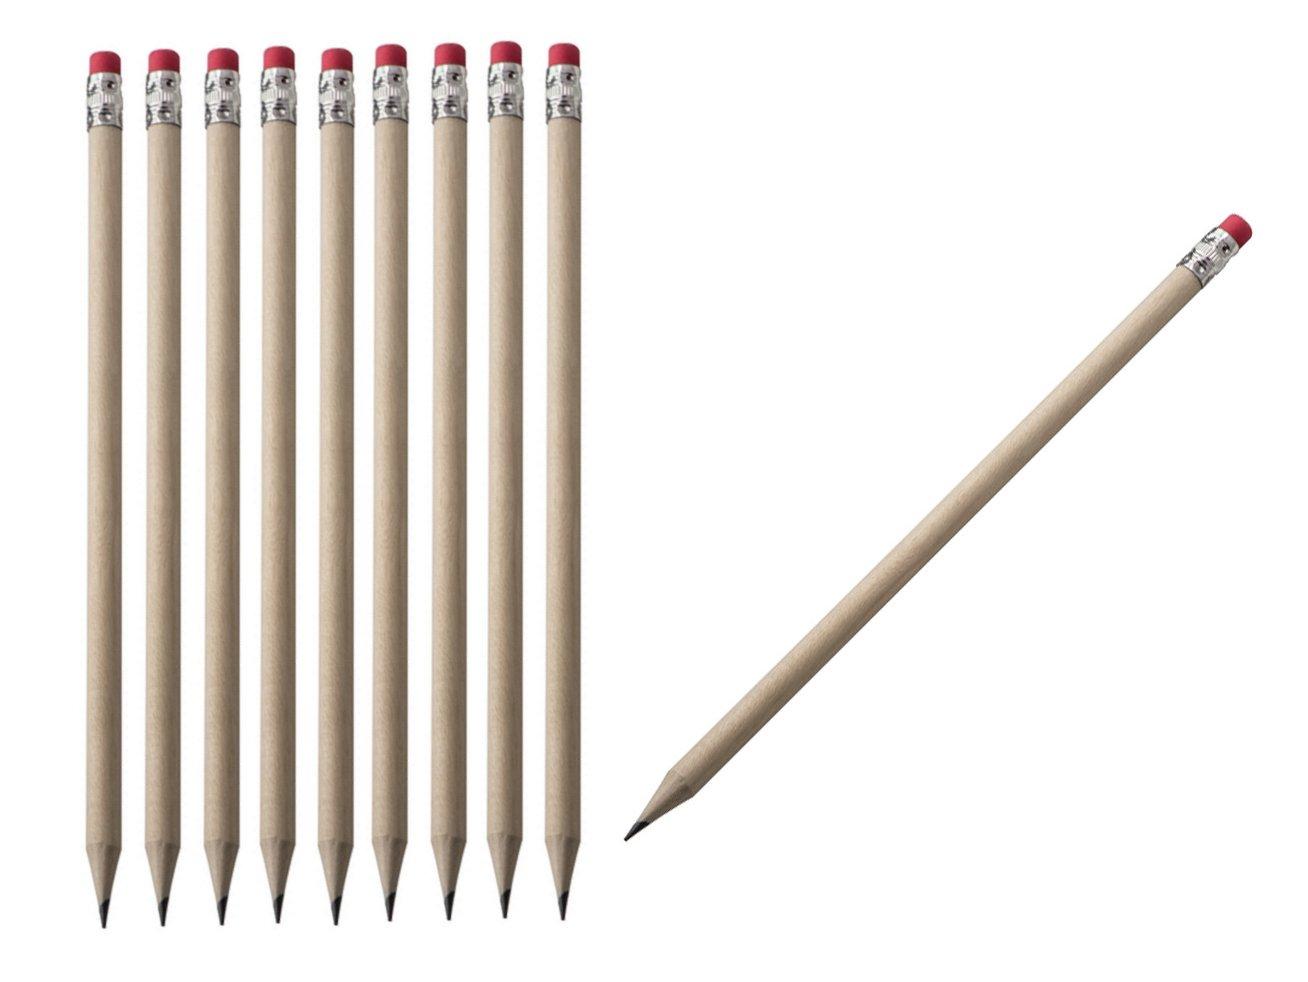 non verniciate e senza logo del produttore HB 50 matite con gomma grado di durezza